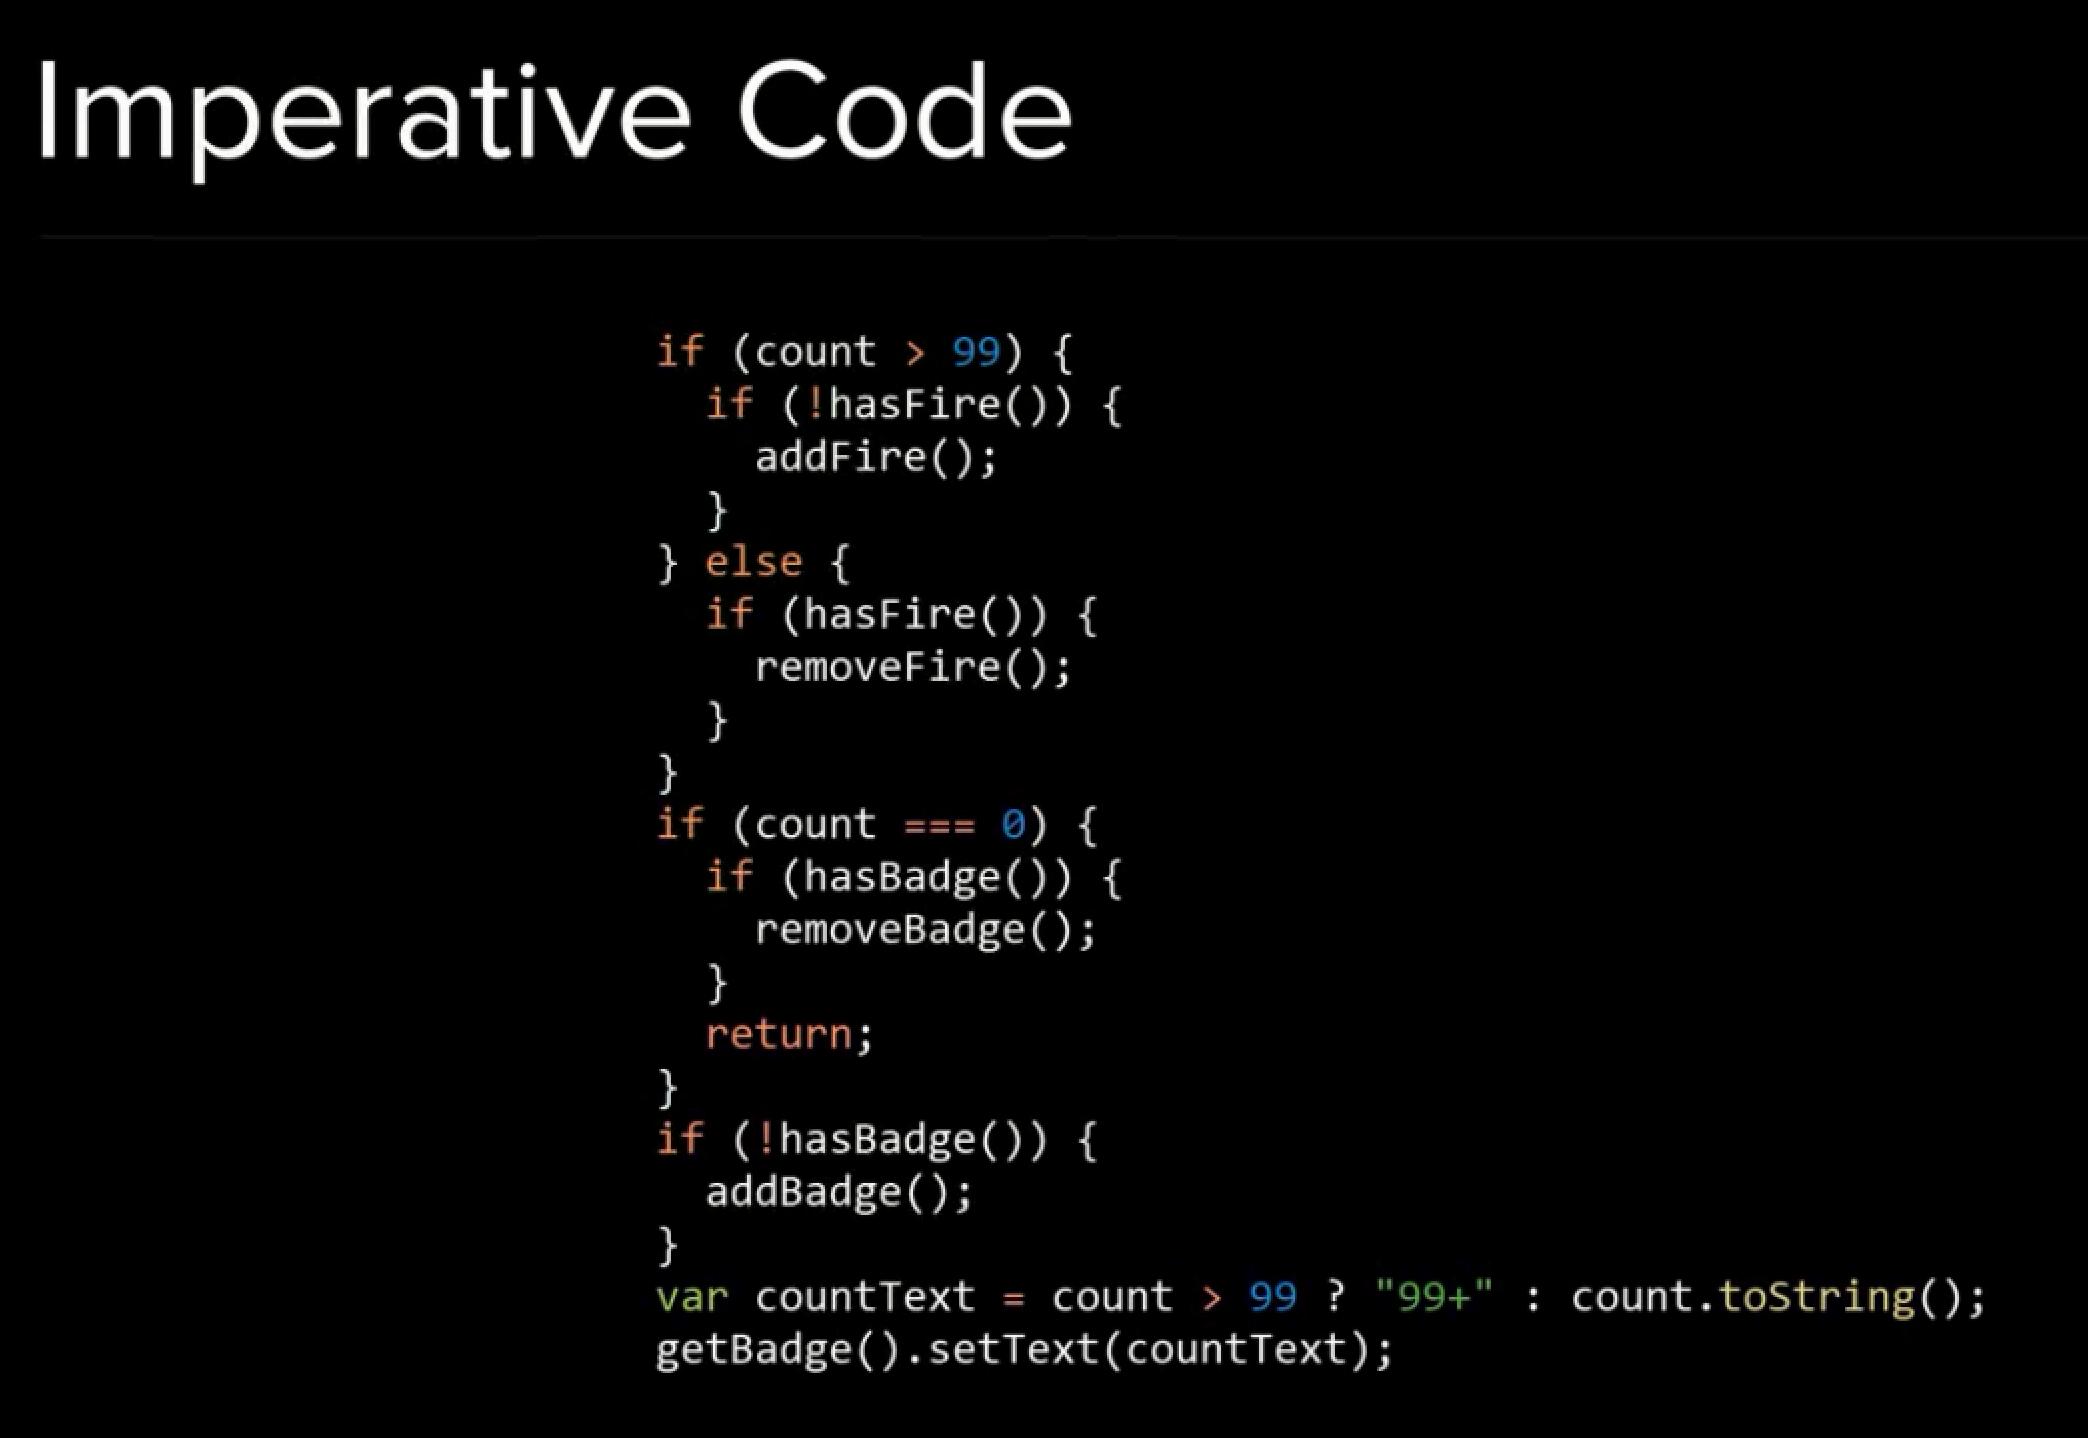 Imperative Code